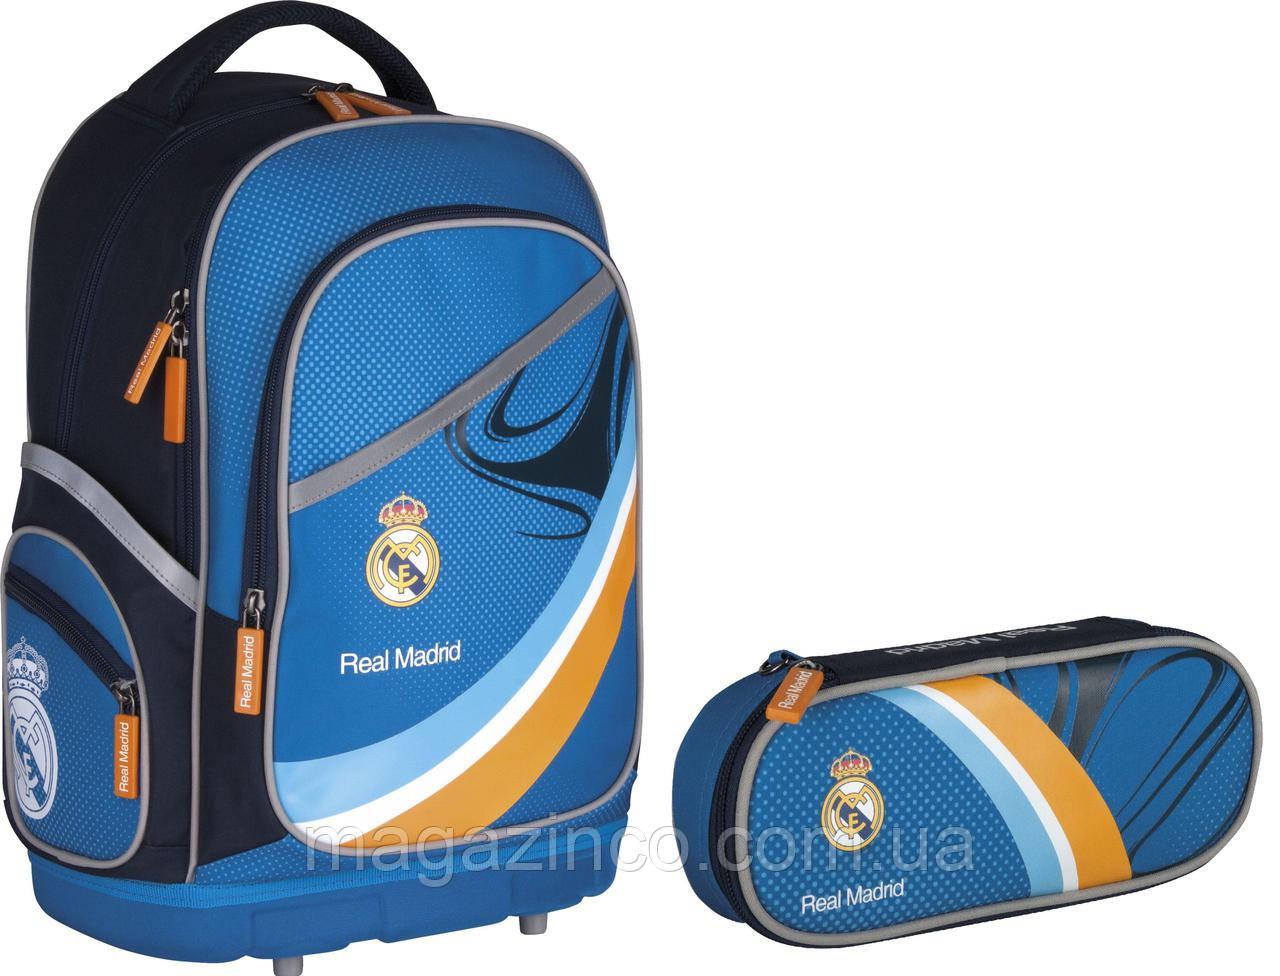 Реал мадрид рюкзак школьный